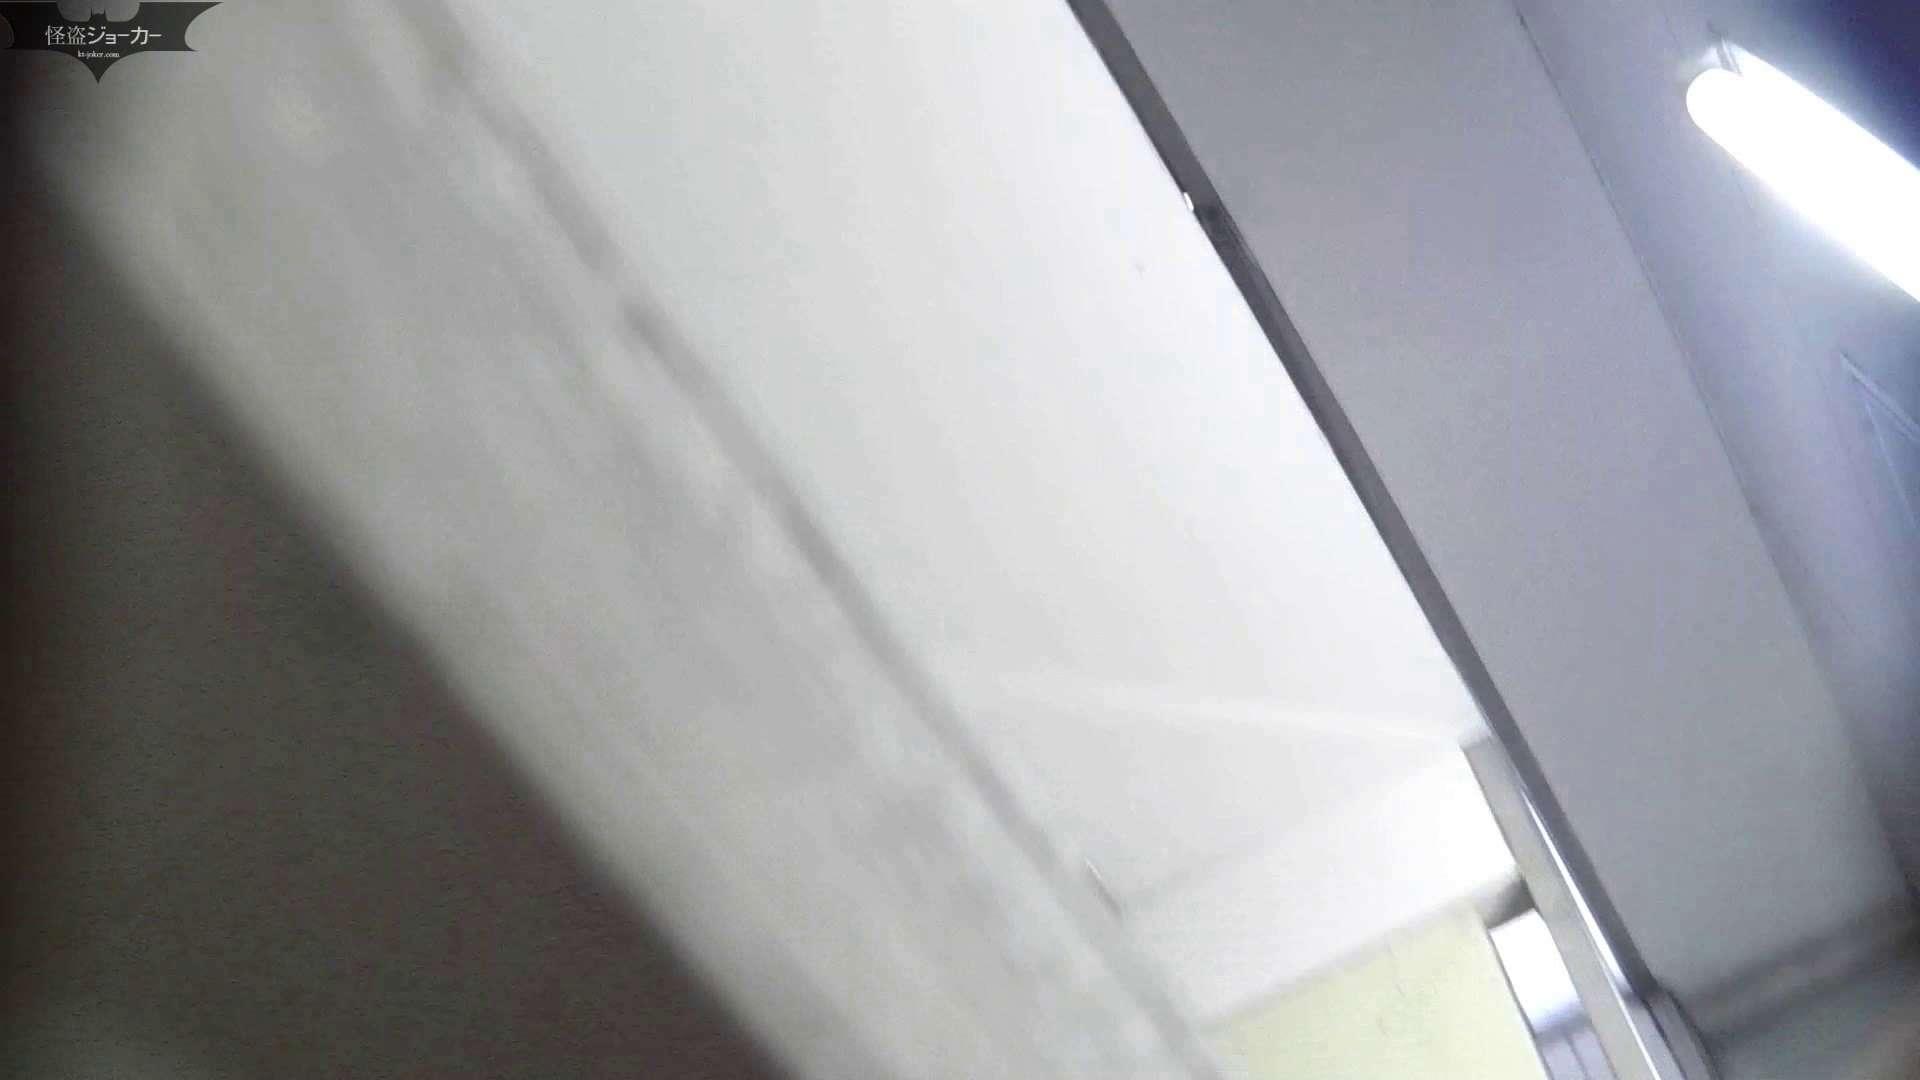 【美しき個室な世界】洗面所特攻隊 vol.051 洗面所 | OLのボディ  72PIX 29